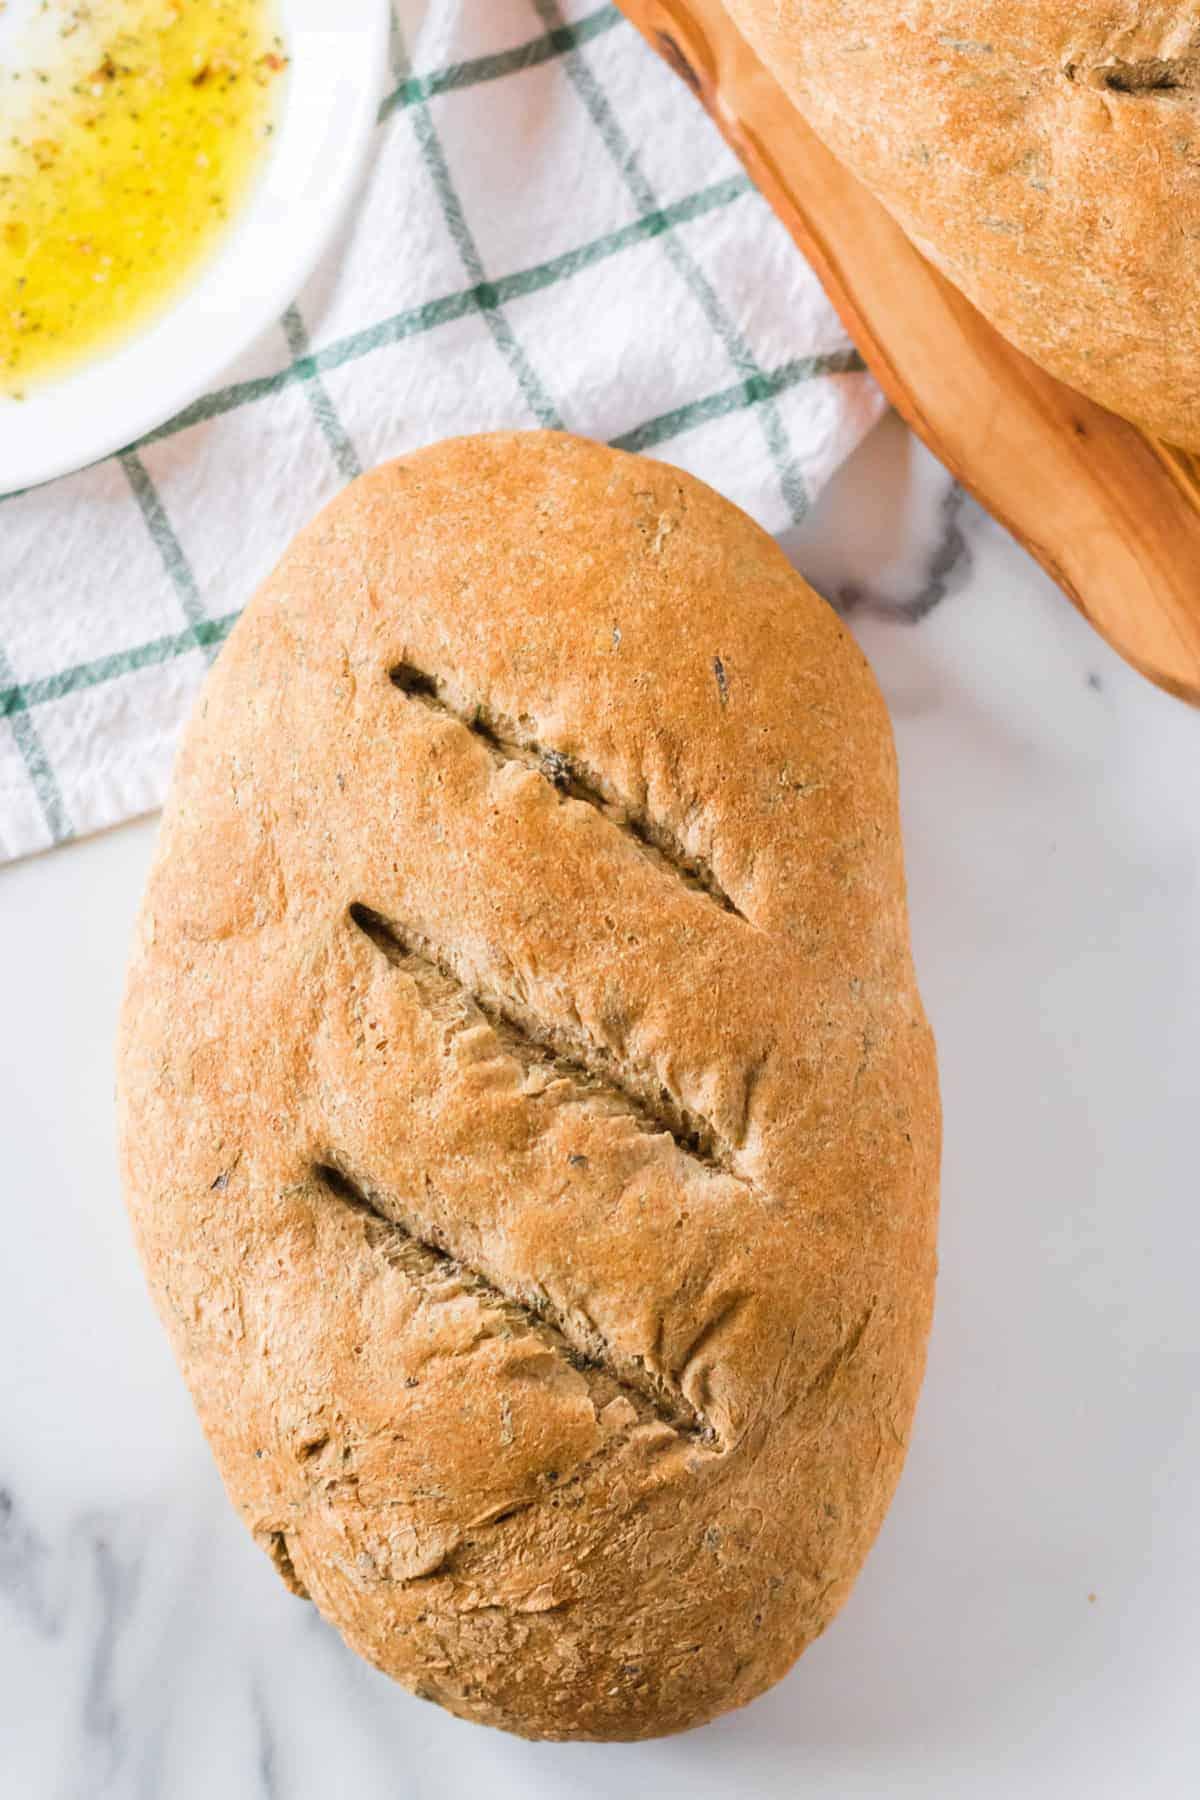 Whole Wheat Spinach Bread | Easy Homemade Bread Recipe